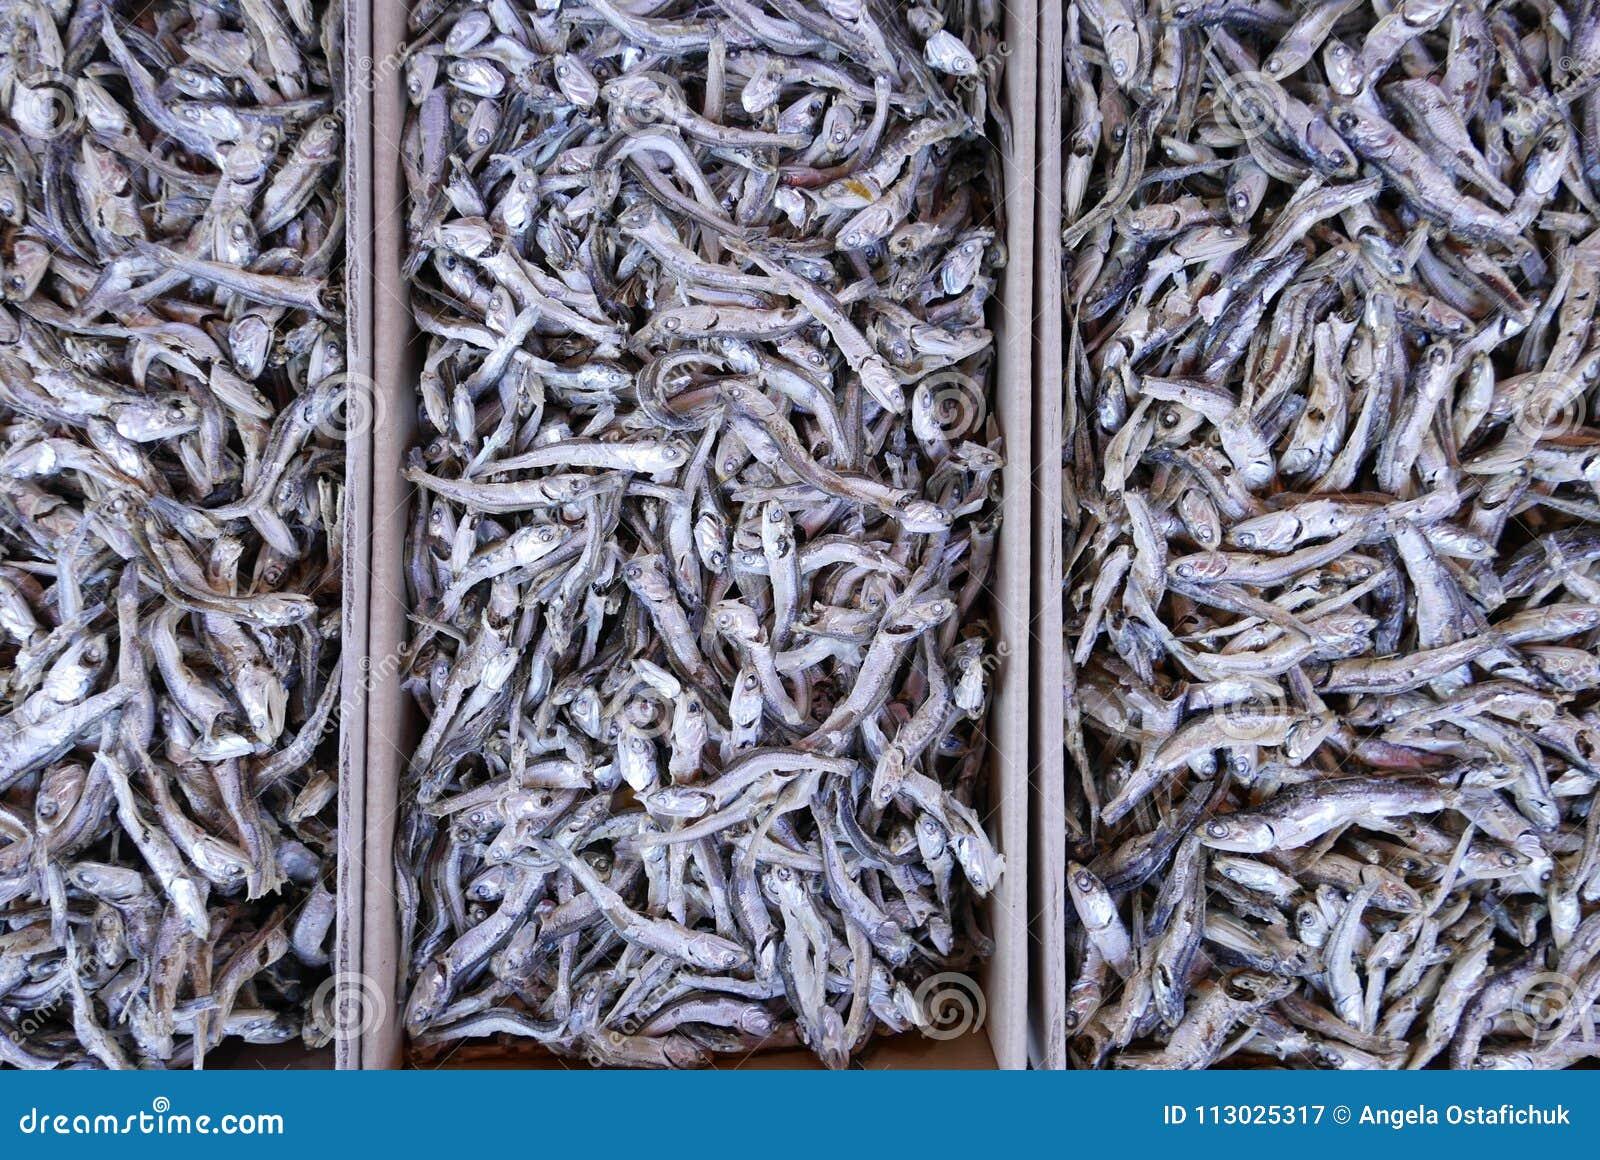 Pescados para la venta en mercado coreano